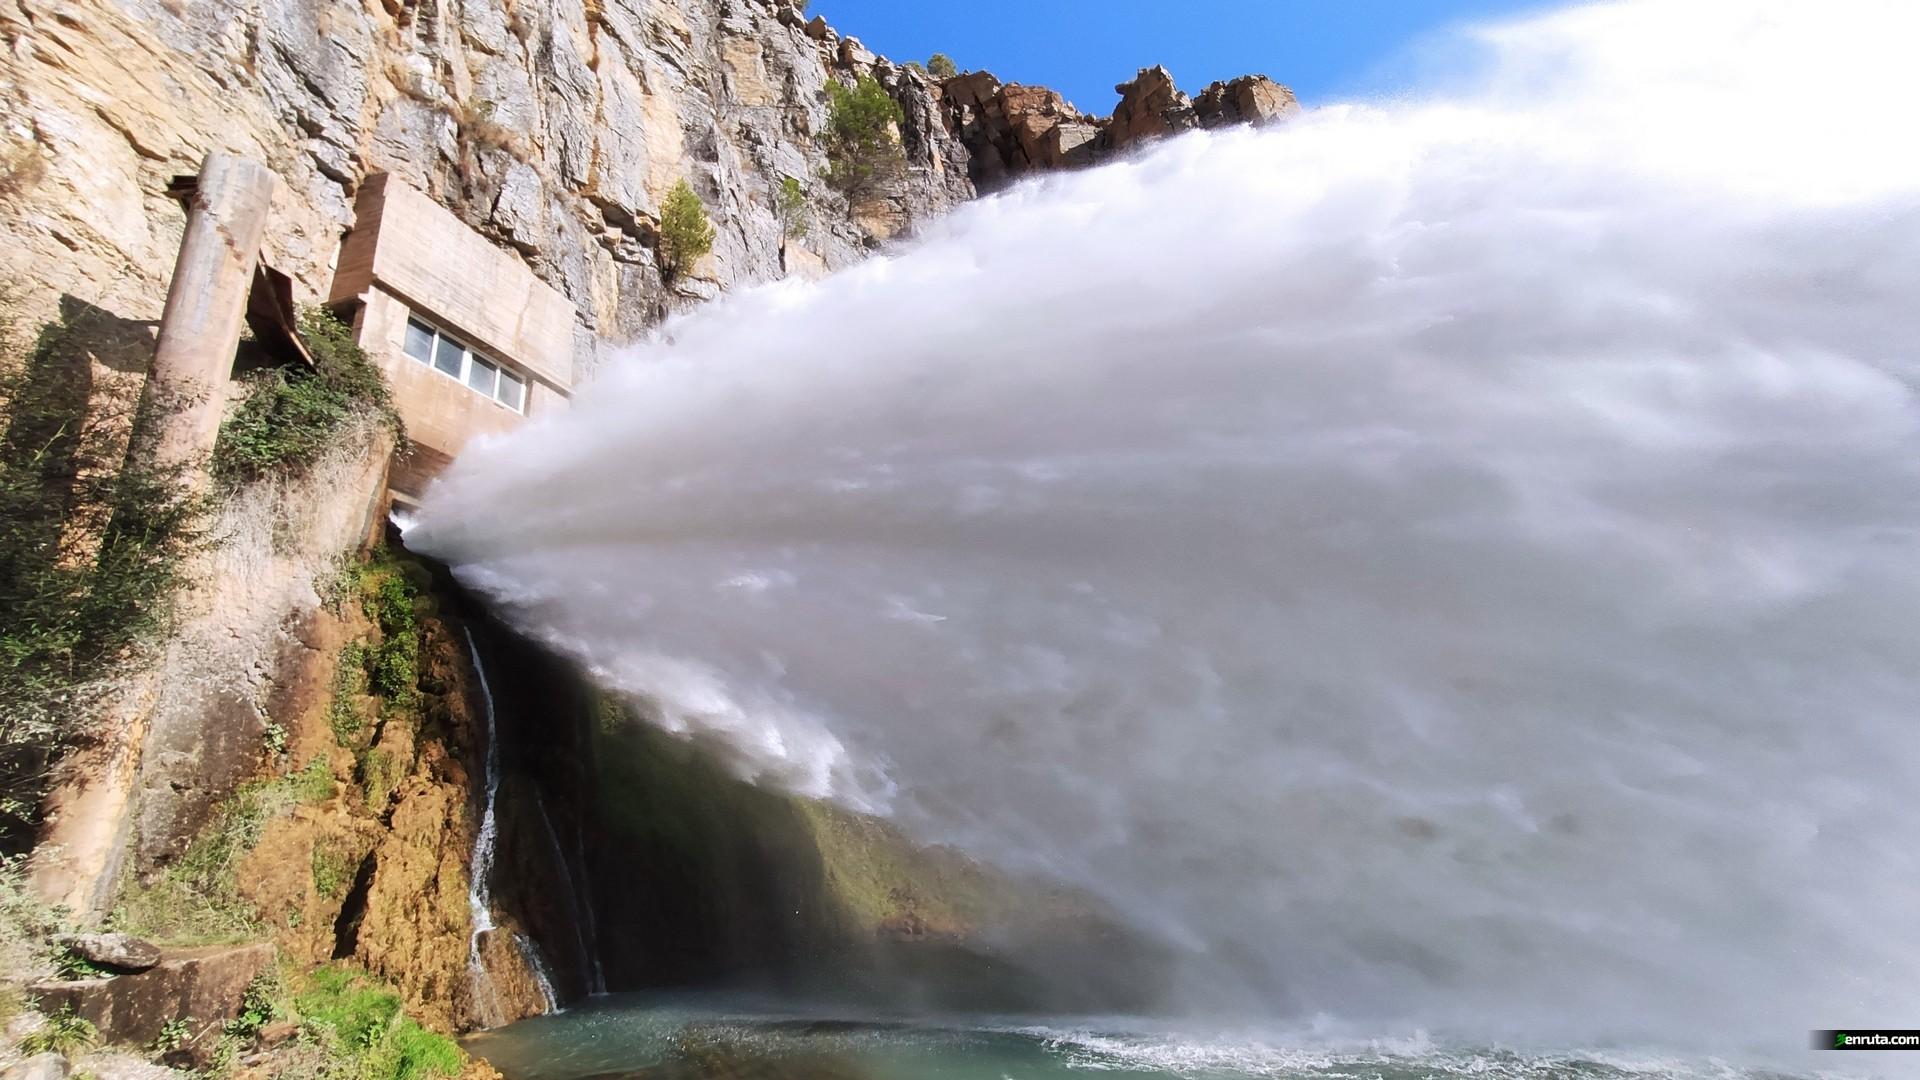 El agua sale con una fuerza brutal